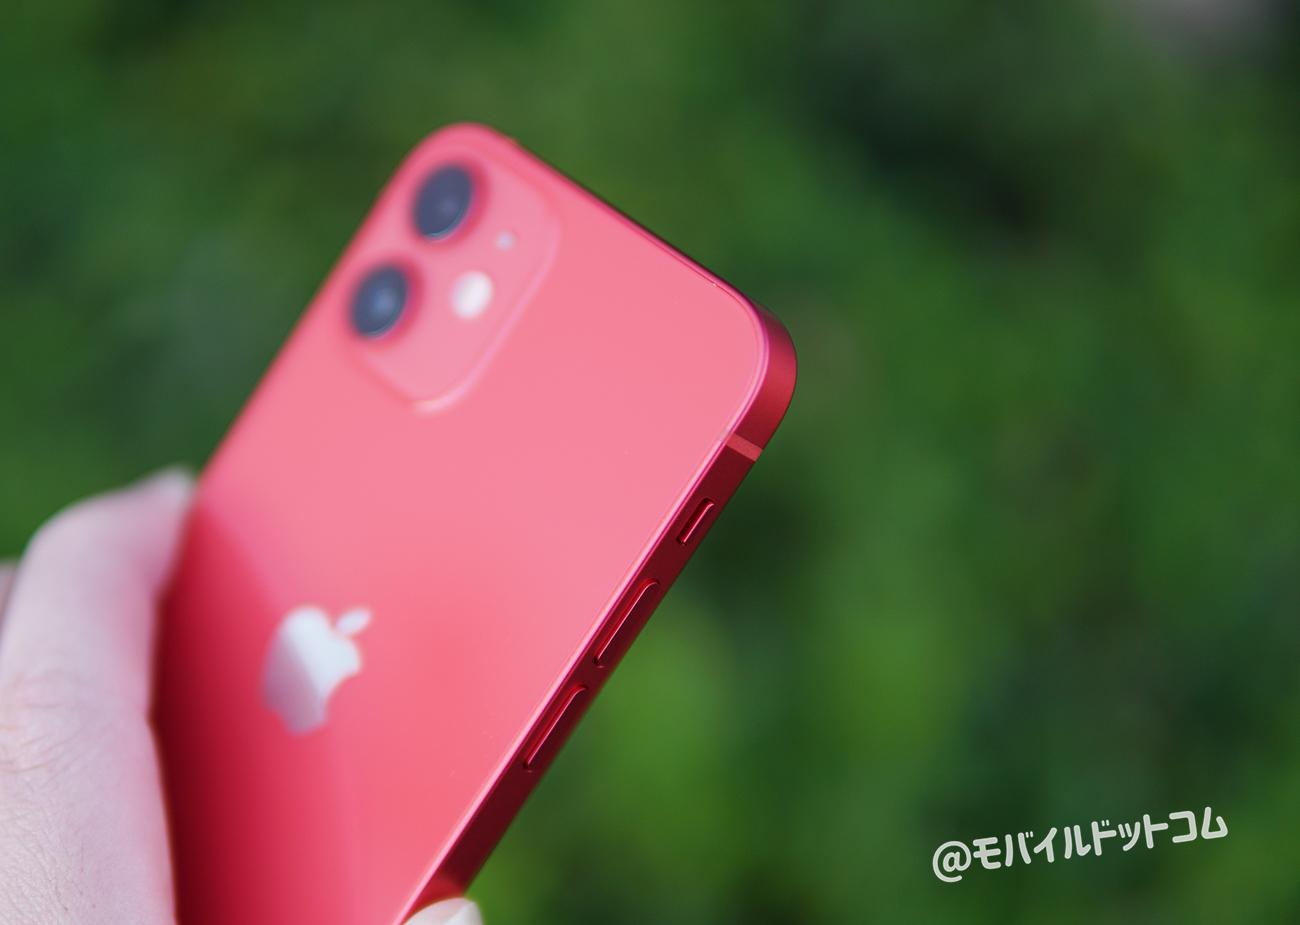 iPhone 12 miniのバッテリー持ちをチェック